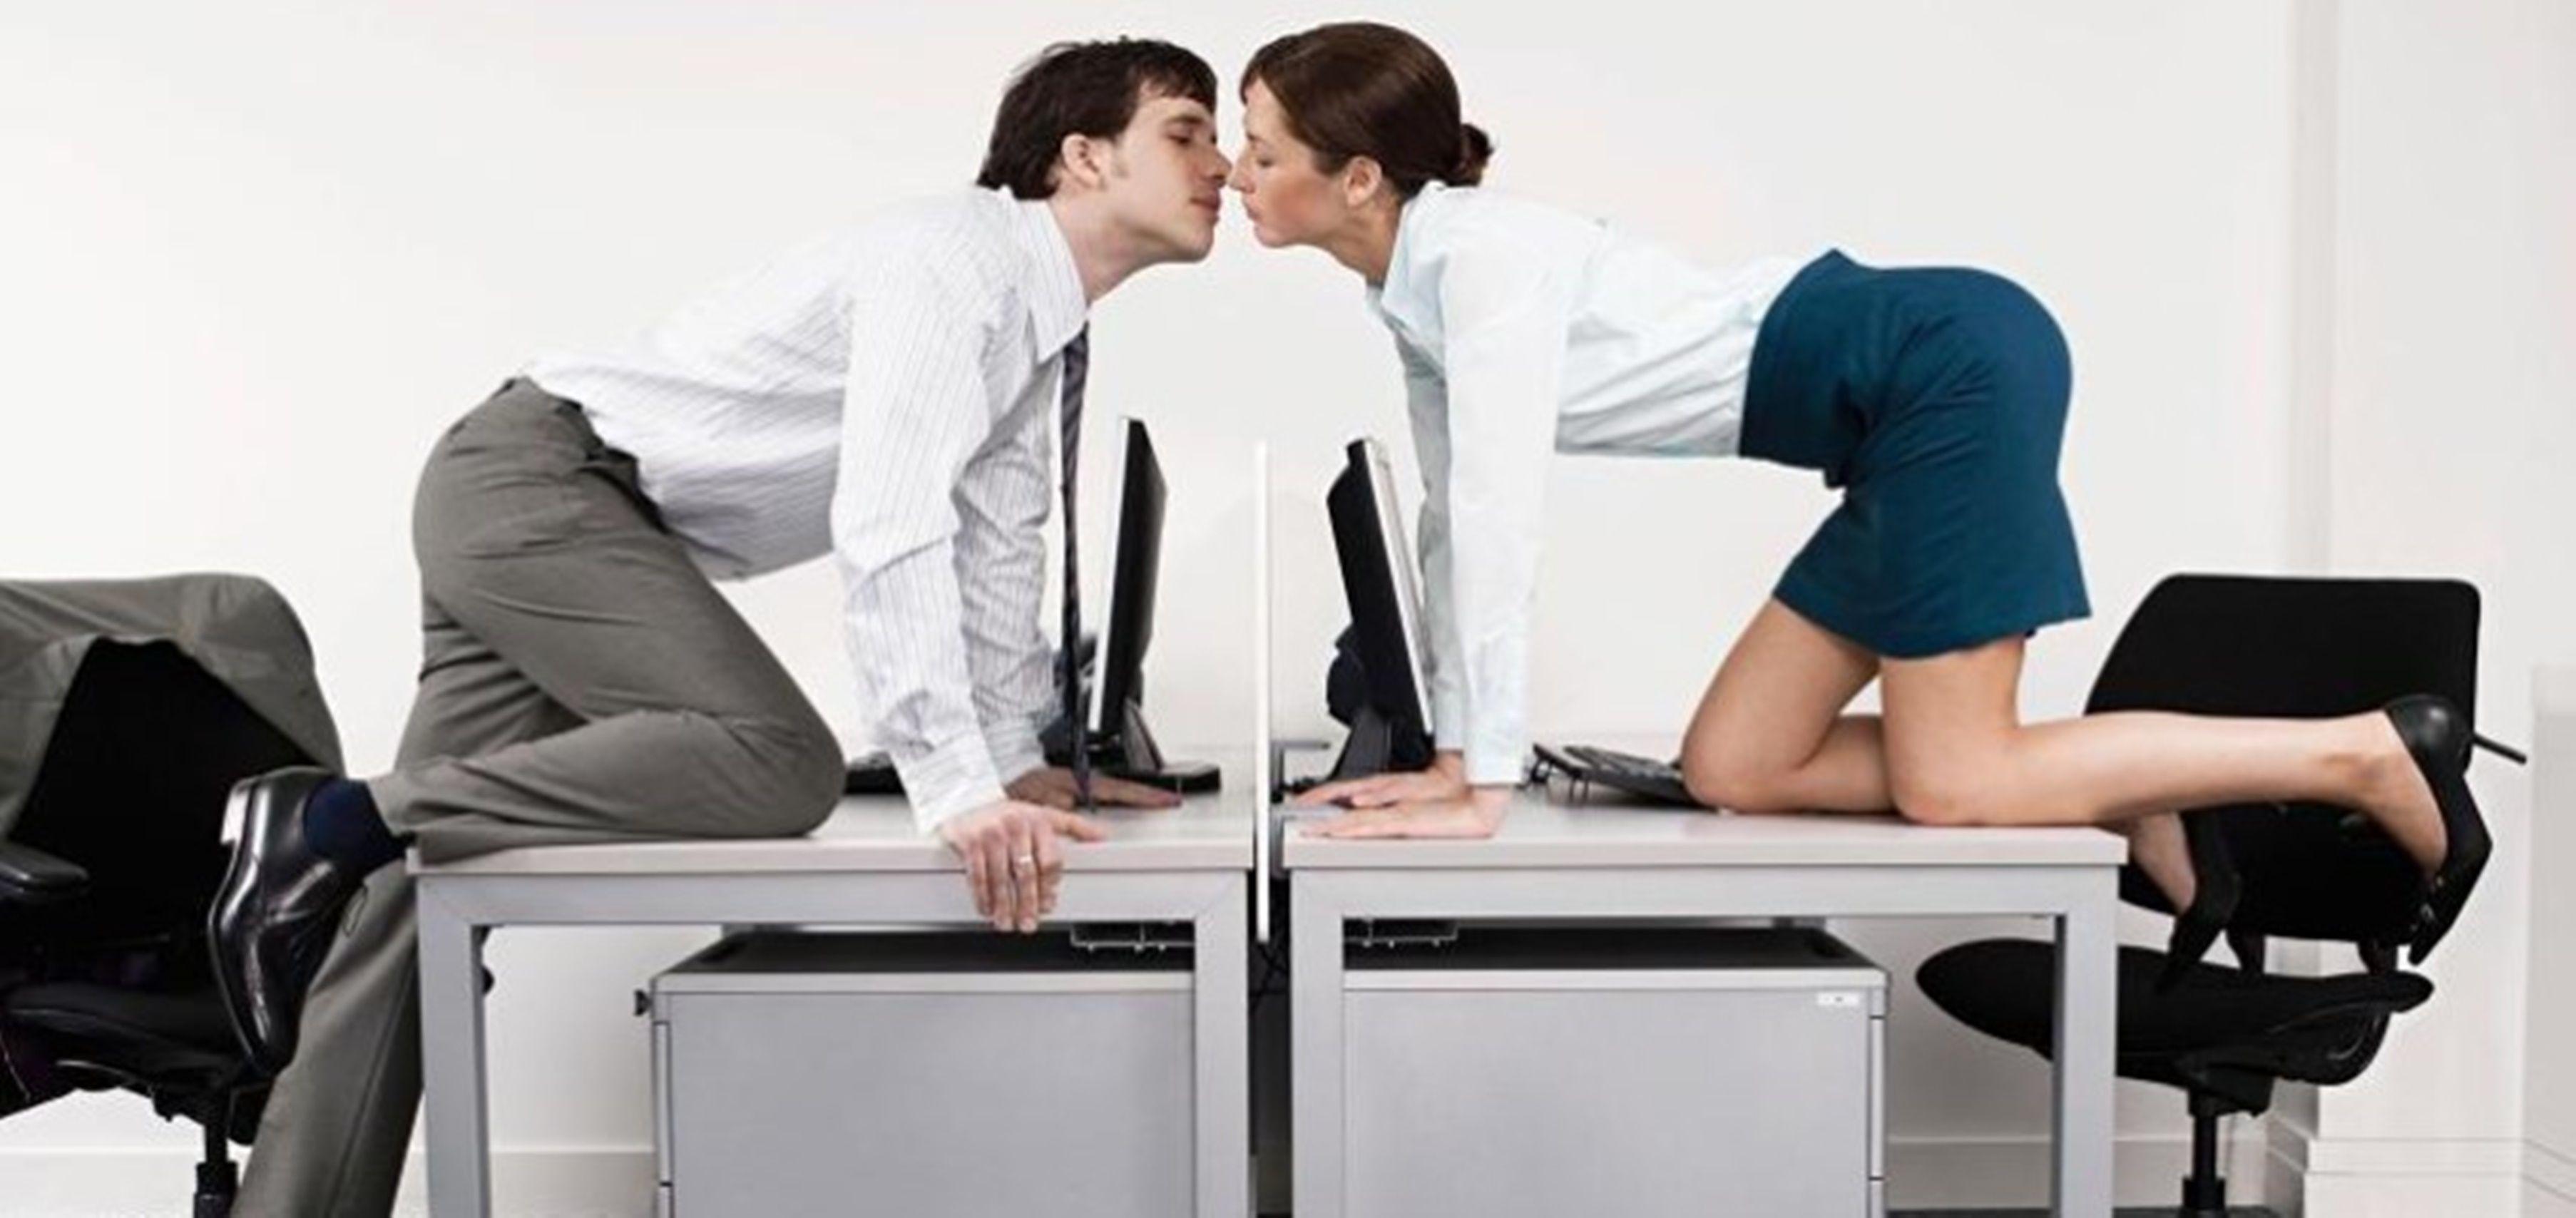 Офисные сексотношения